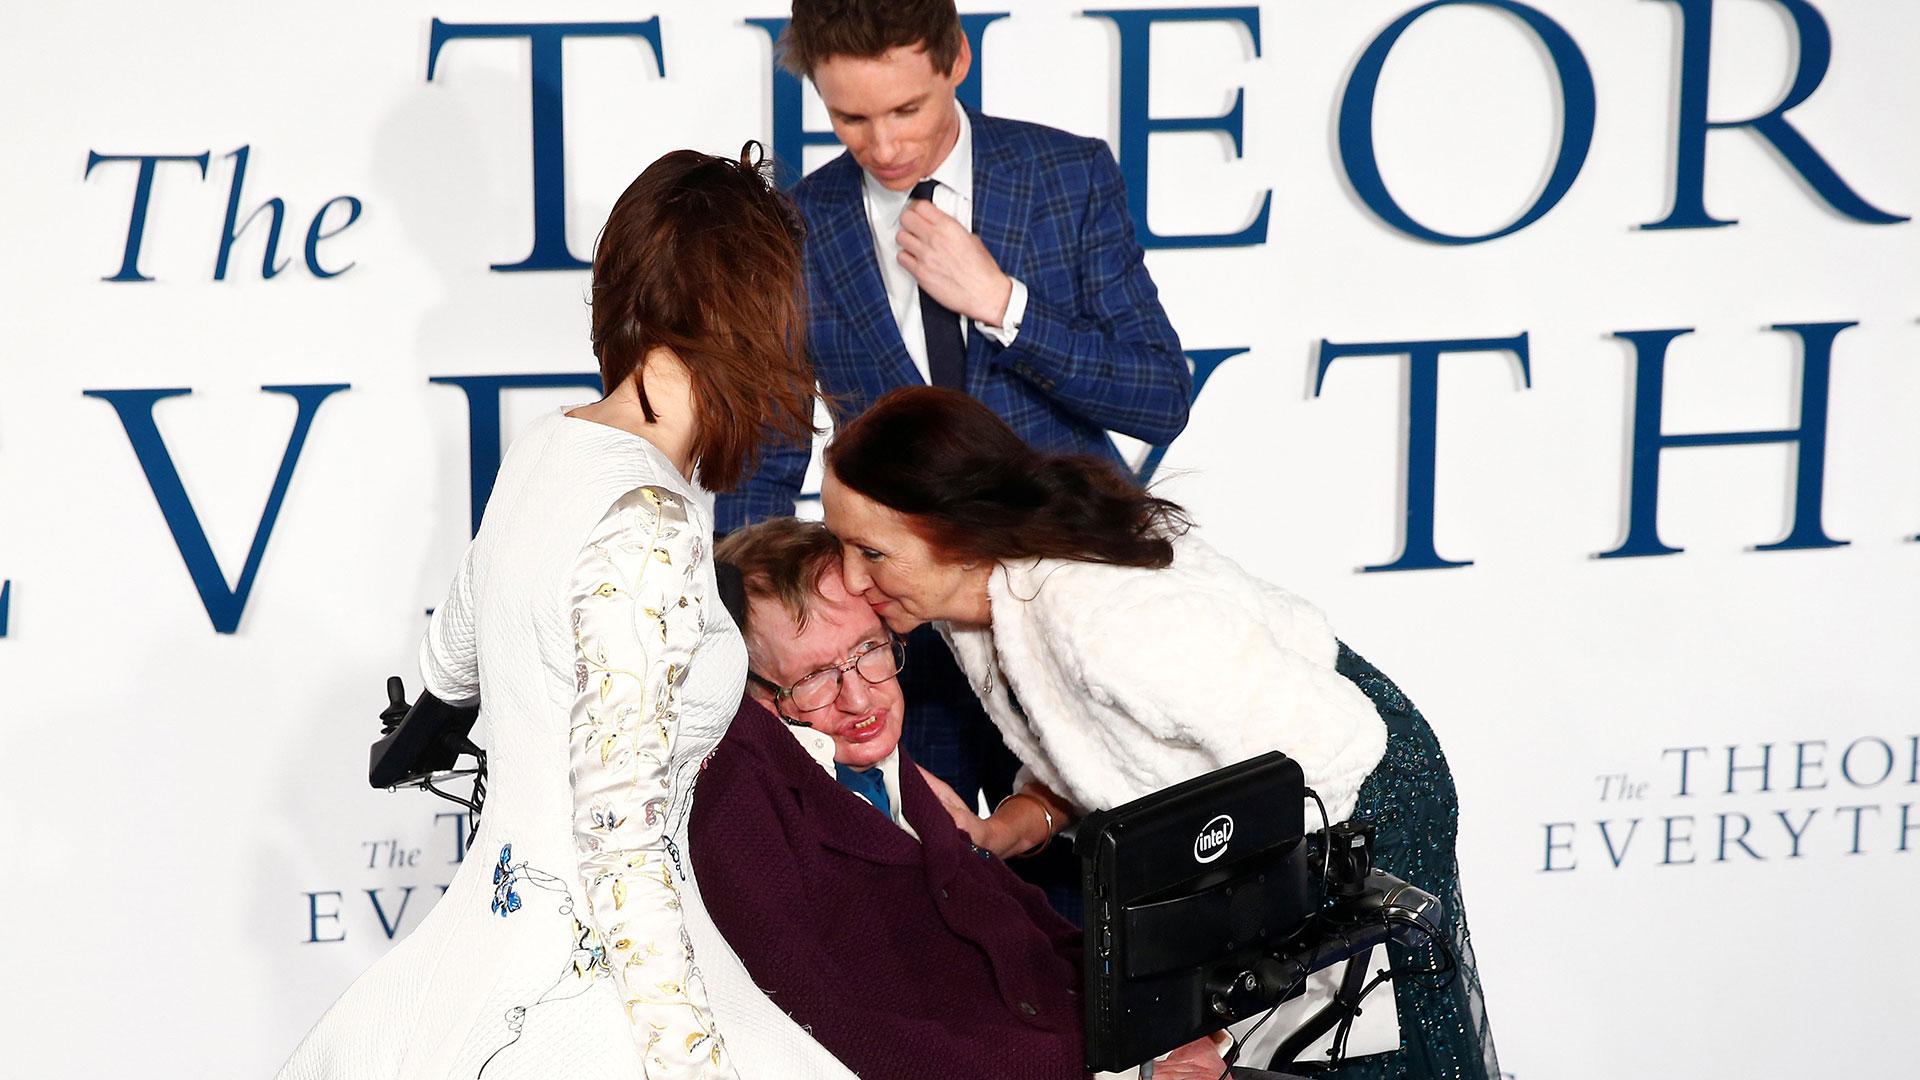 En reencuentro con su ex, Jane Wilde, en el festival de Toronto de 2014, junto con los act0res Eddie Redmayne y Felicity Jones, quienes los interpretaron en La teoría del todo (Reuters)